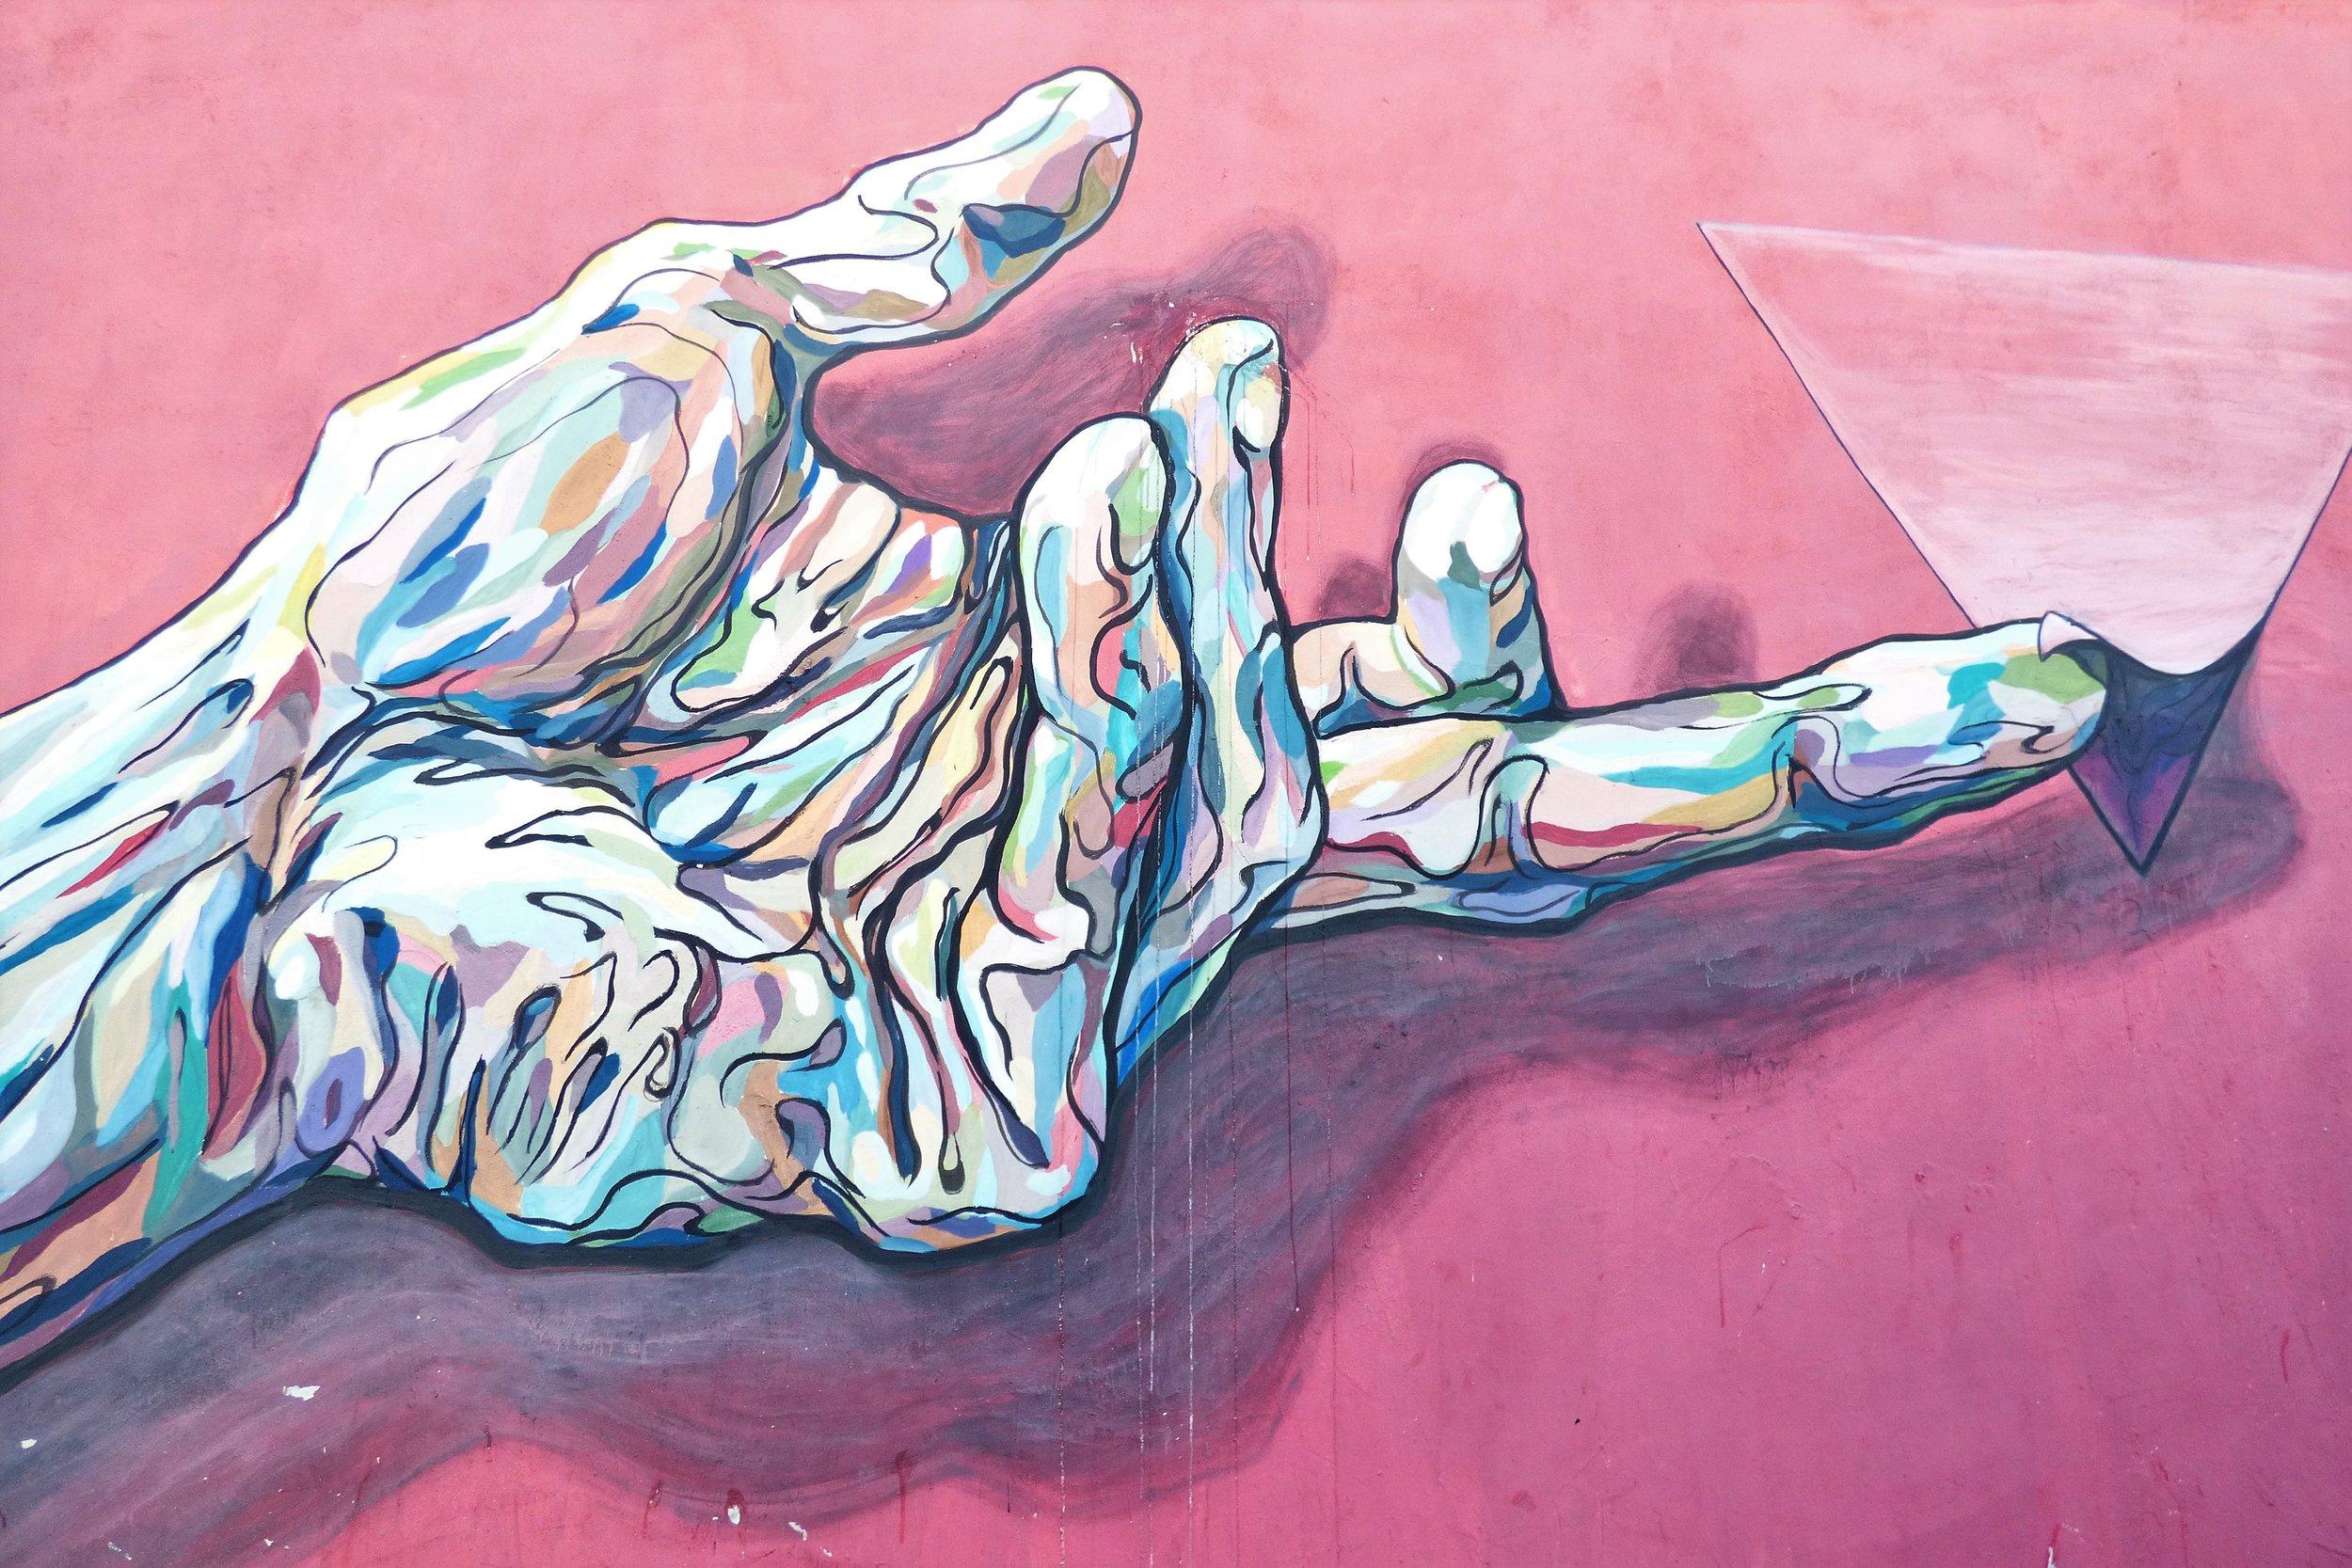 Gustavo Centurion Psychedelic Hand